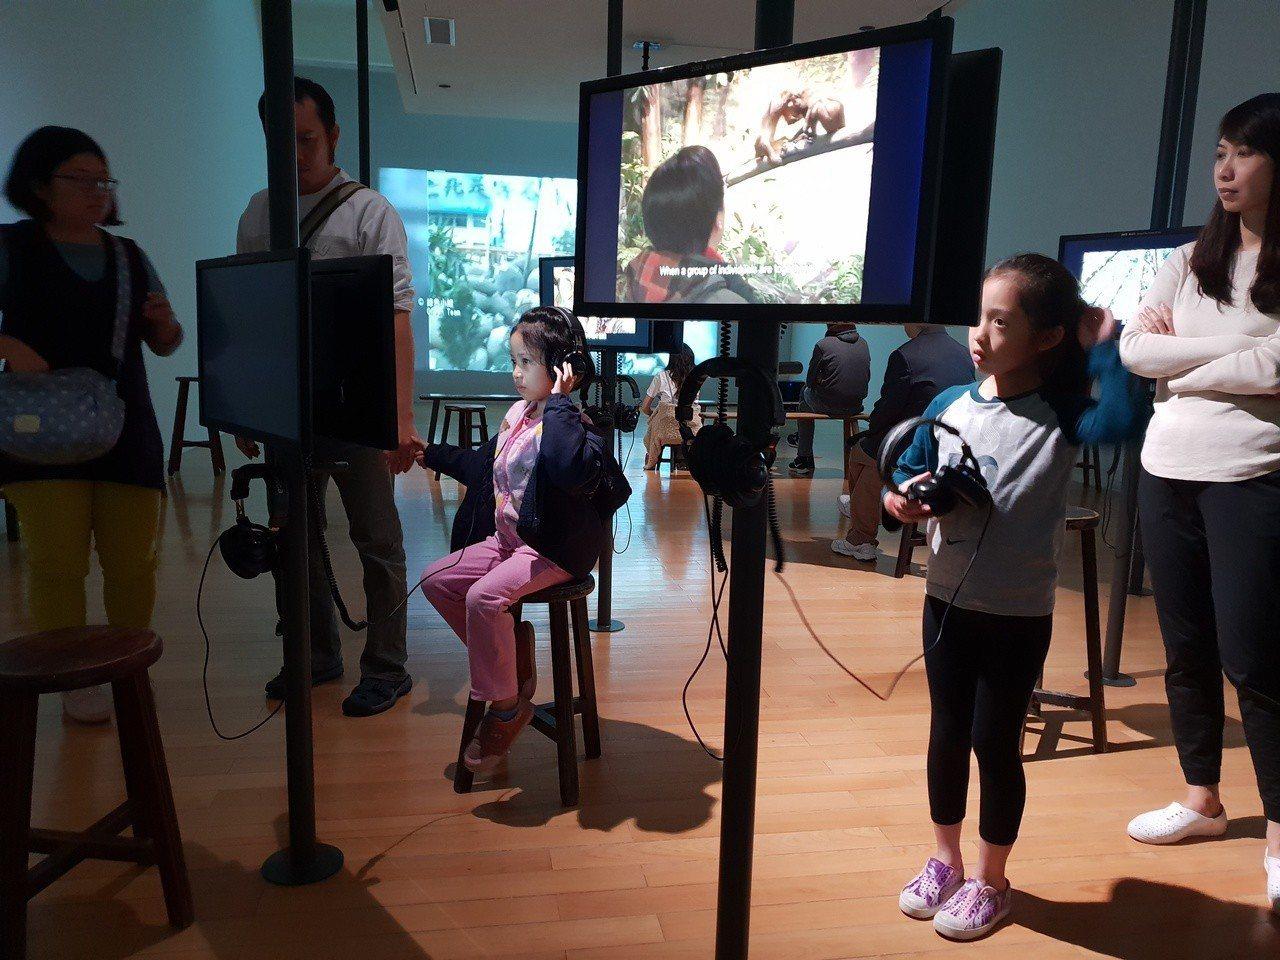 本屆台北雙年展所從環境議題出發,在美術館周遭展開藝術的行動思辨與生態意識的改變,...